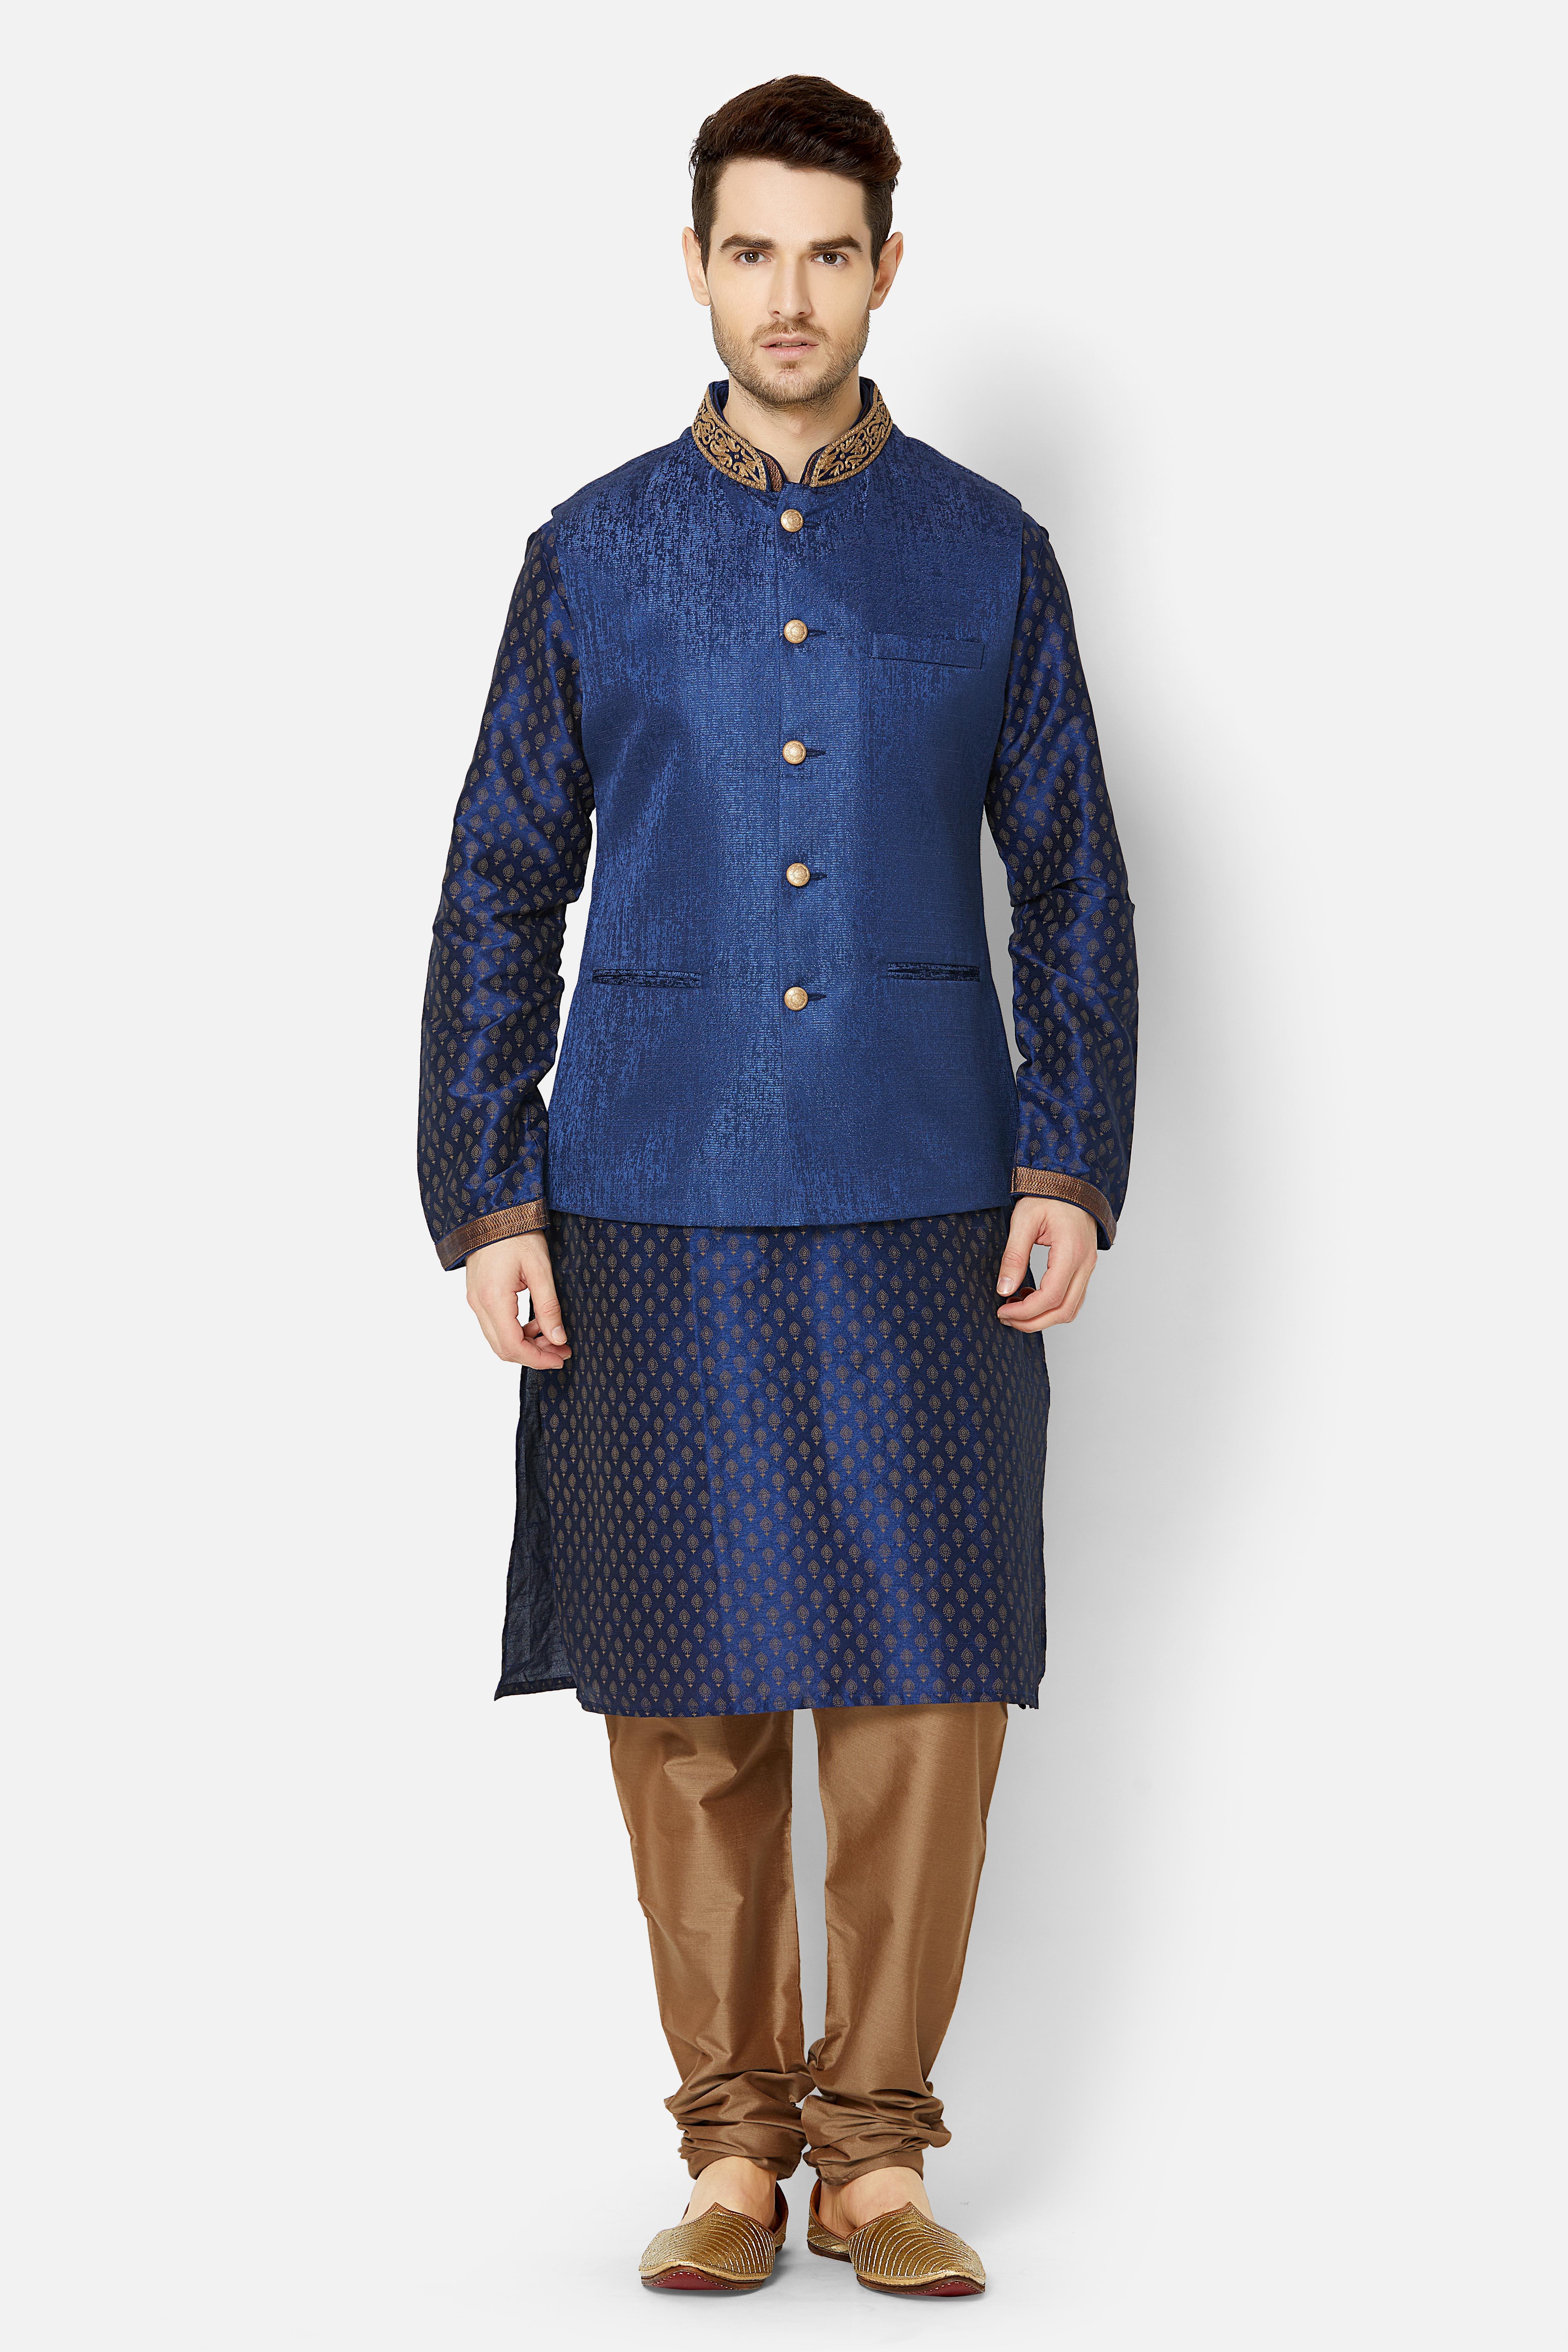 Ethnicity | Navy embroidered sleeveless jacket